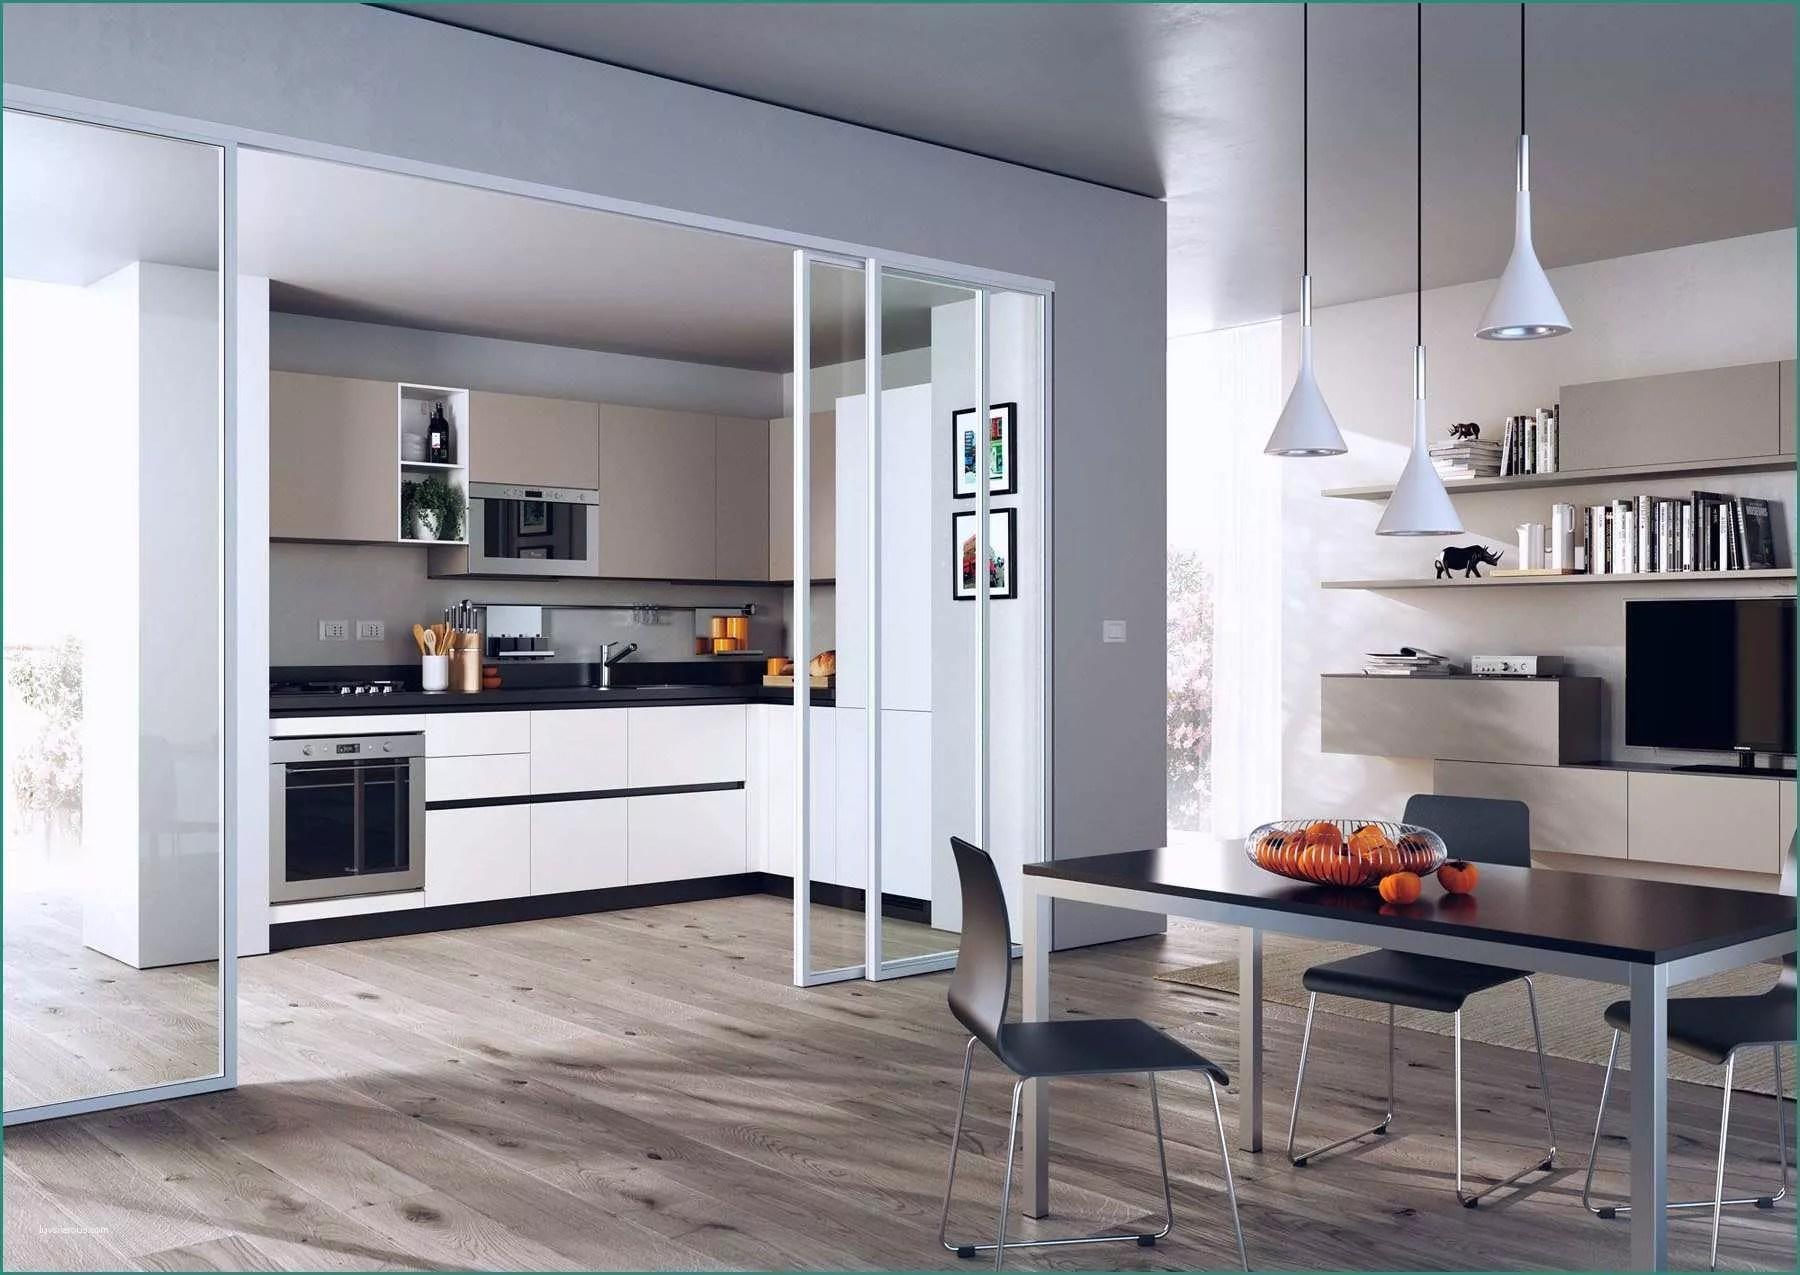 Cucina soggiorno Ambiente Unico Piccolo E 10 Fantastico